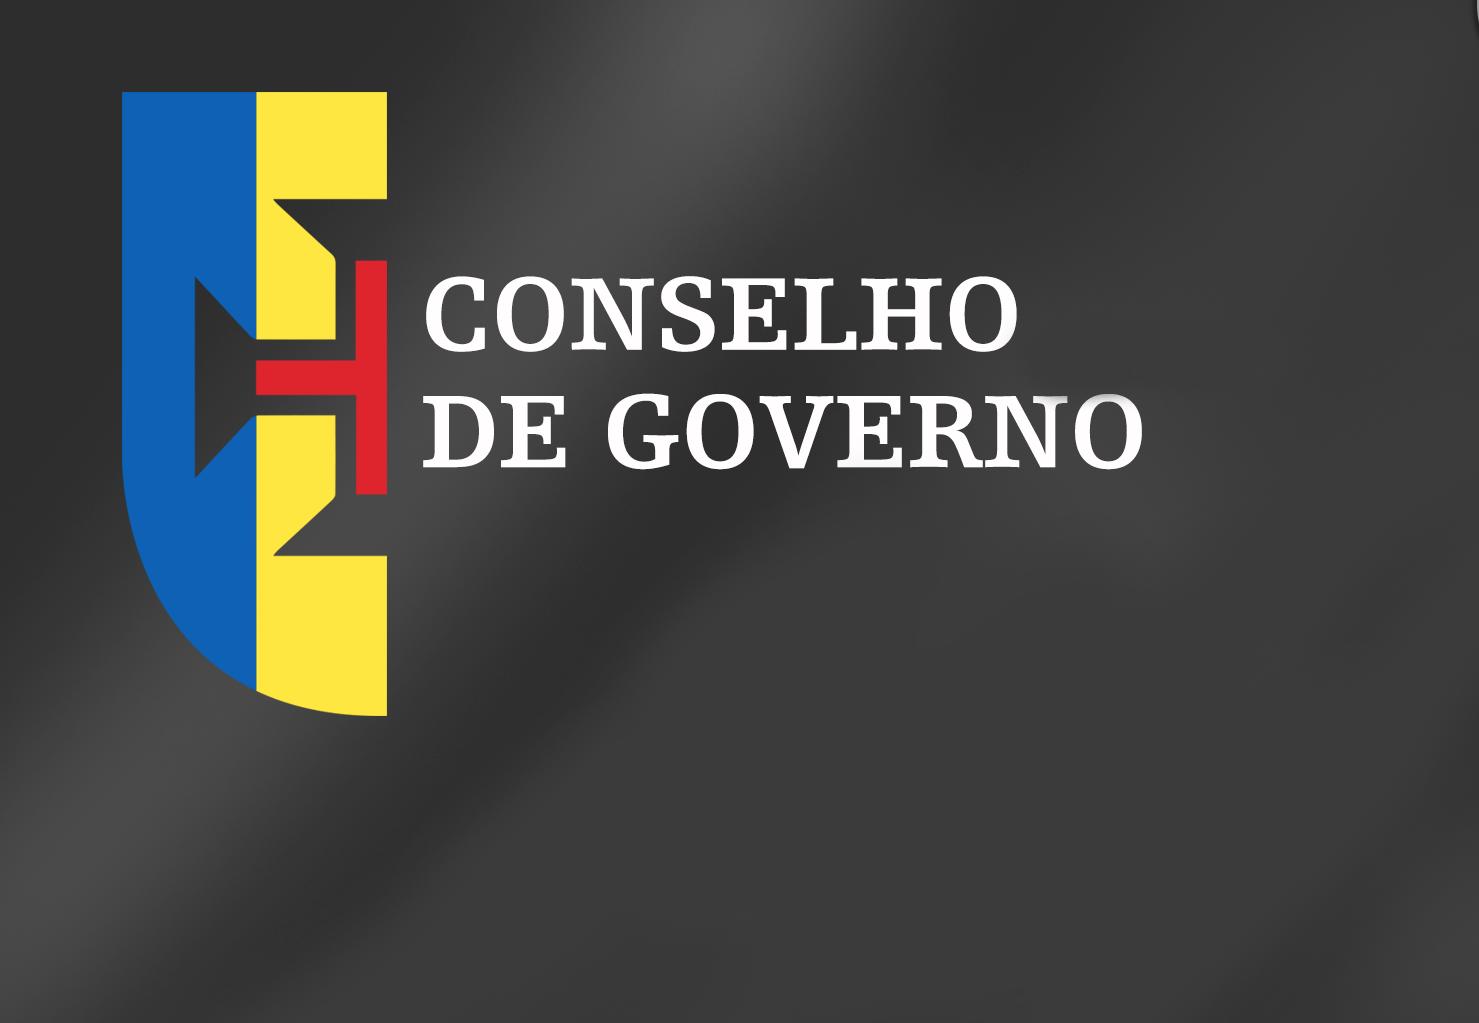 Conclusões Conselho de Governo - 11 de julho de 2018